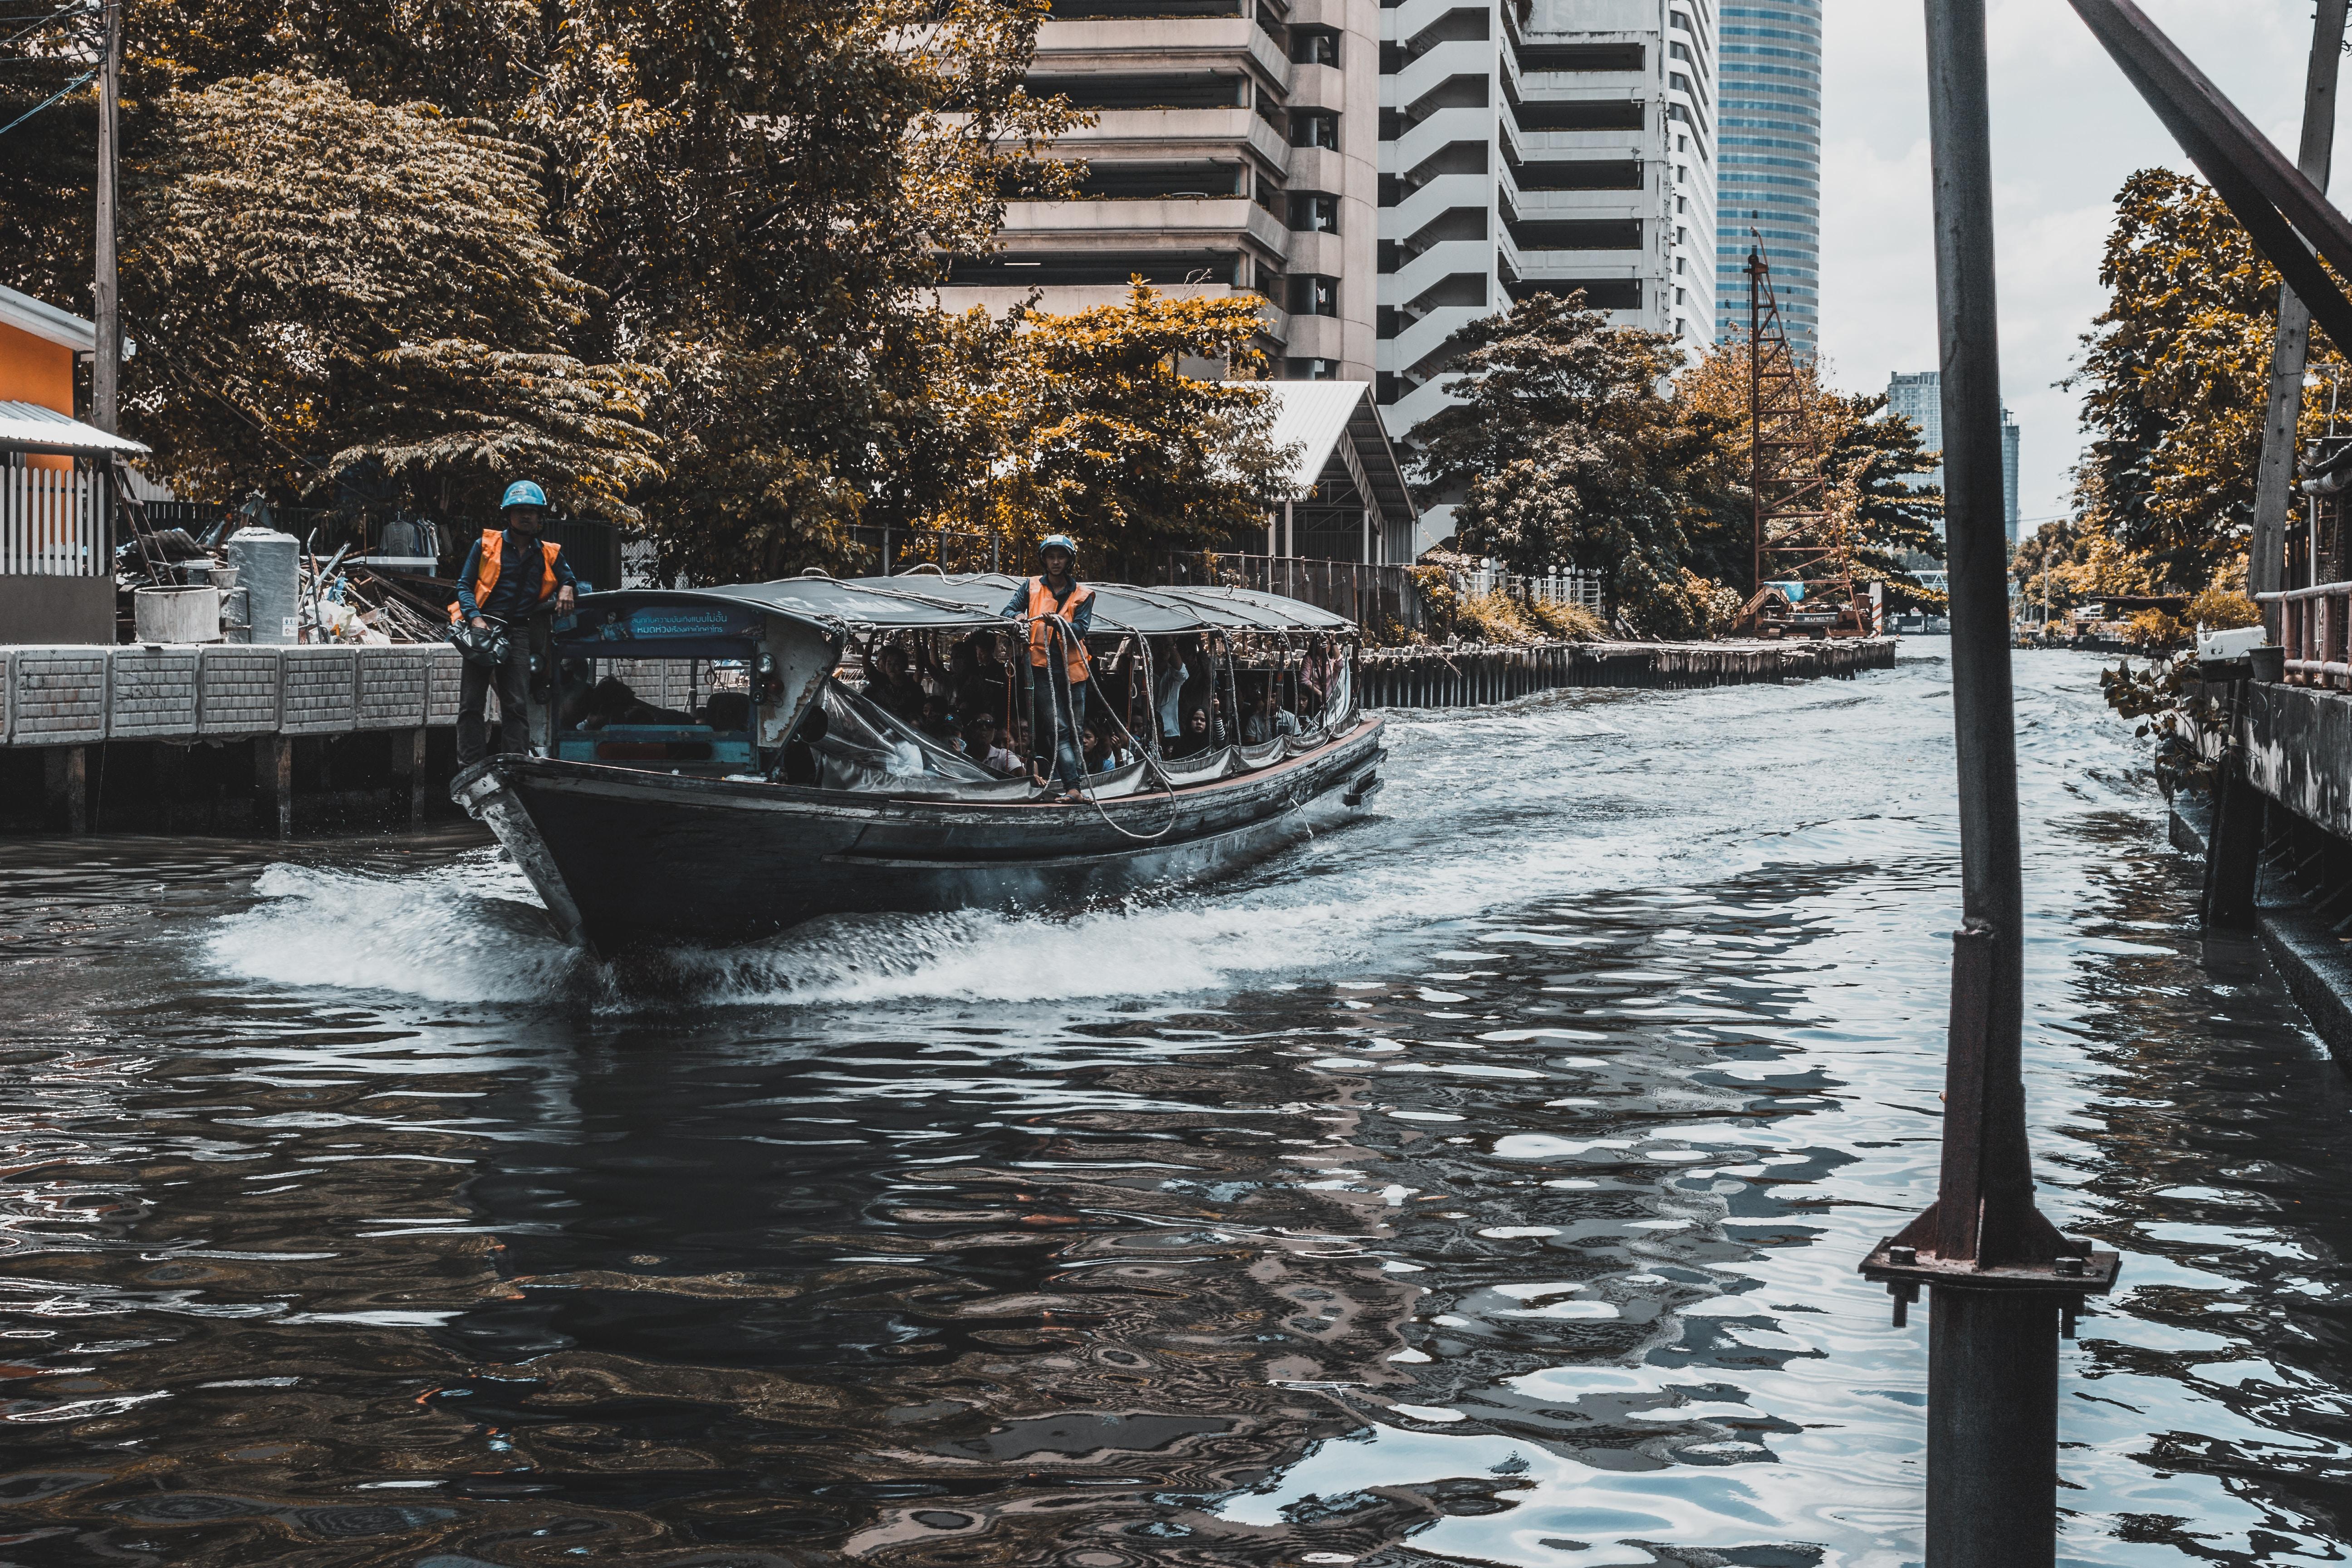 Khlong Canal Taxi in Bangkok, Thailand